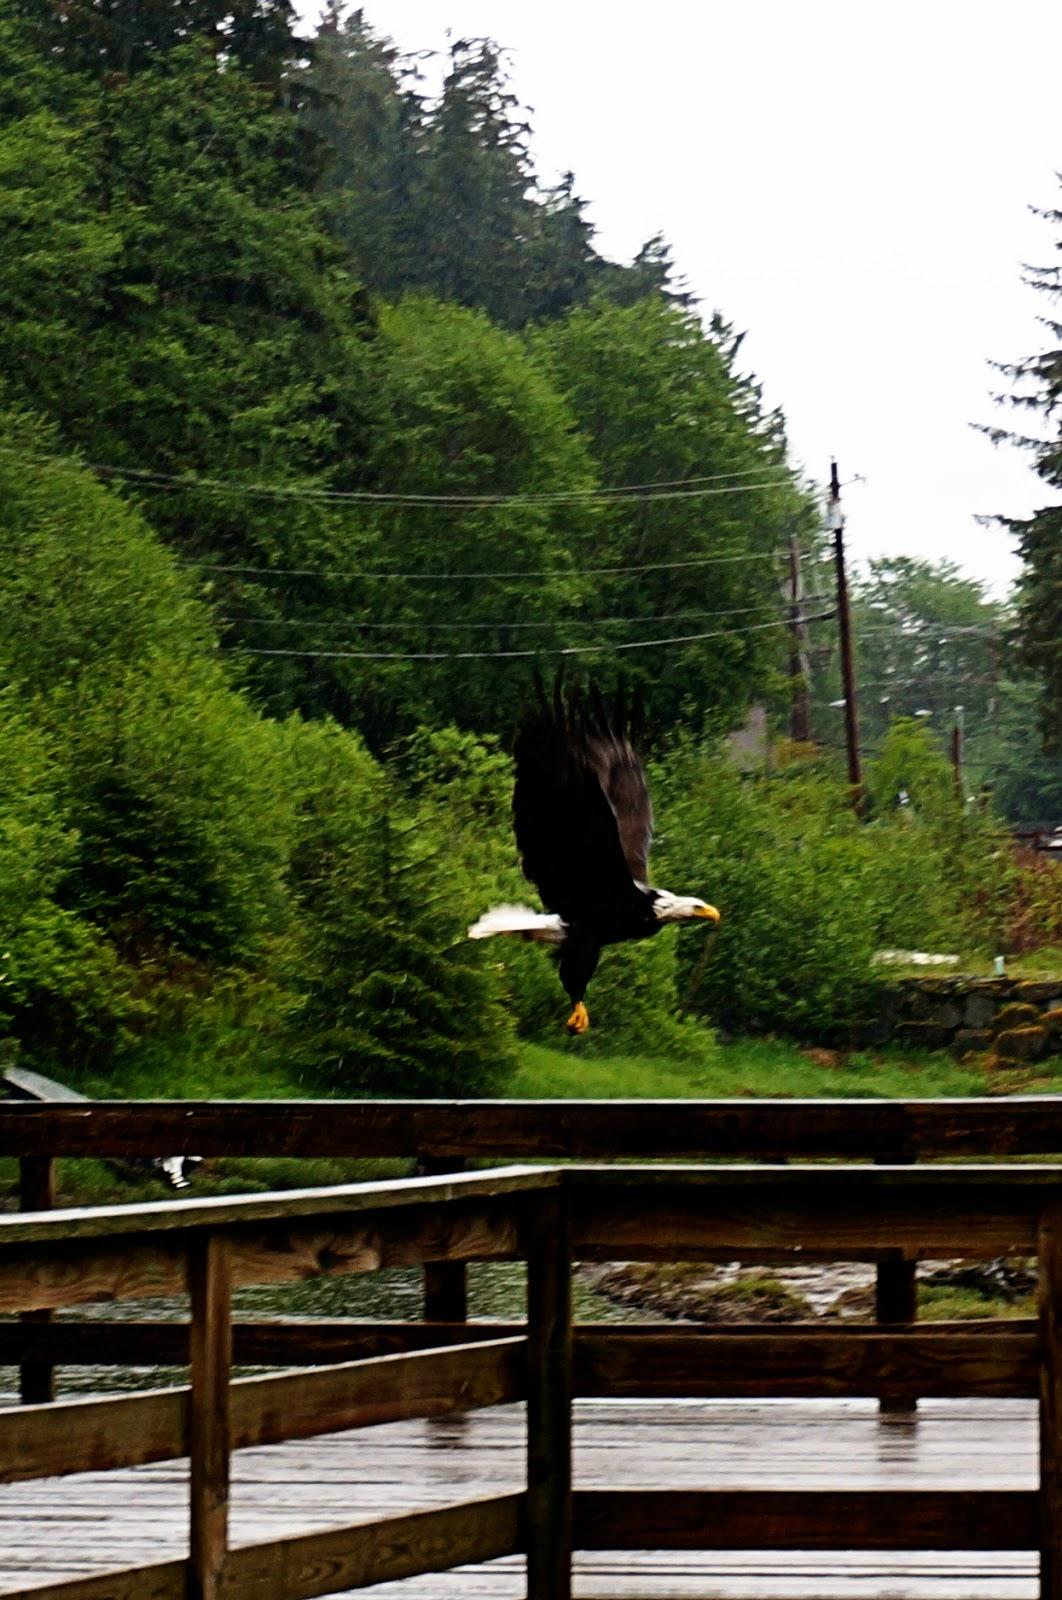 ketchikan eagle soaring alaskan cruise review